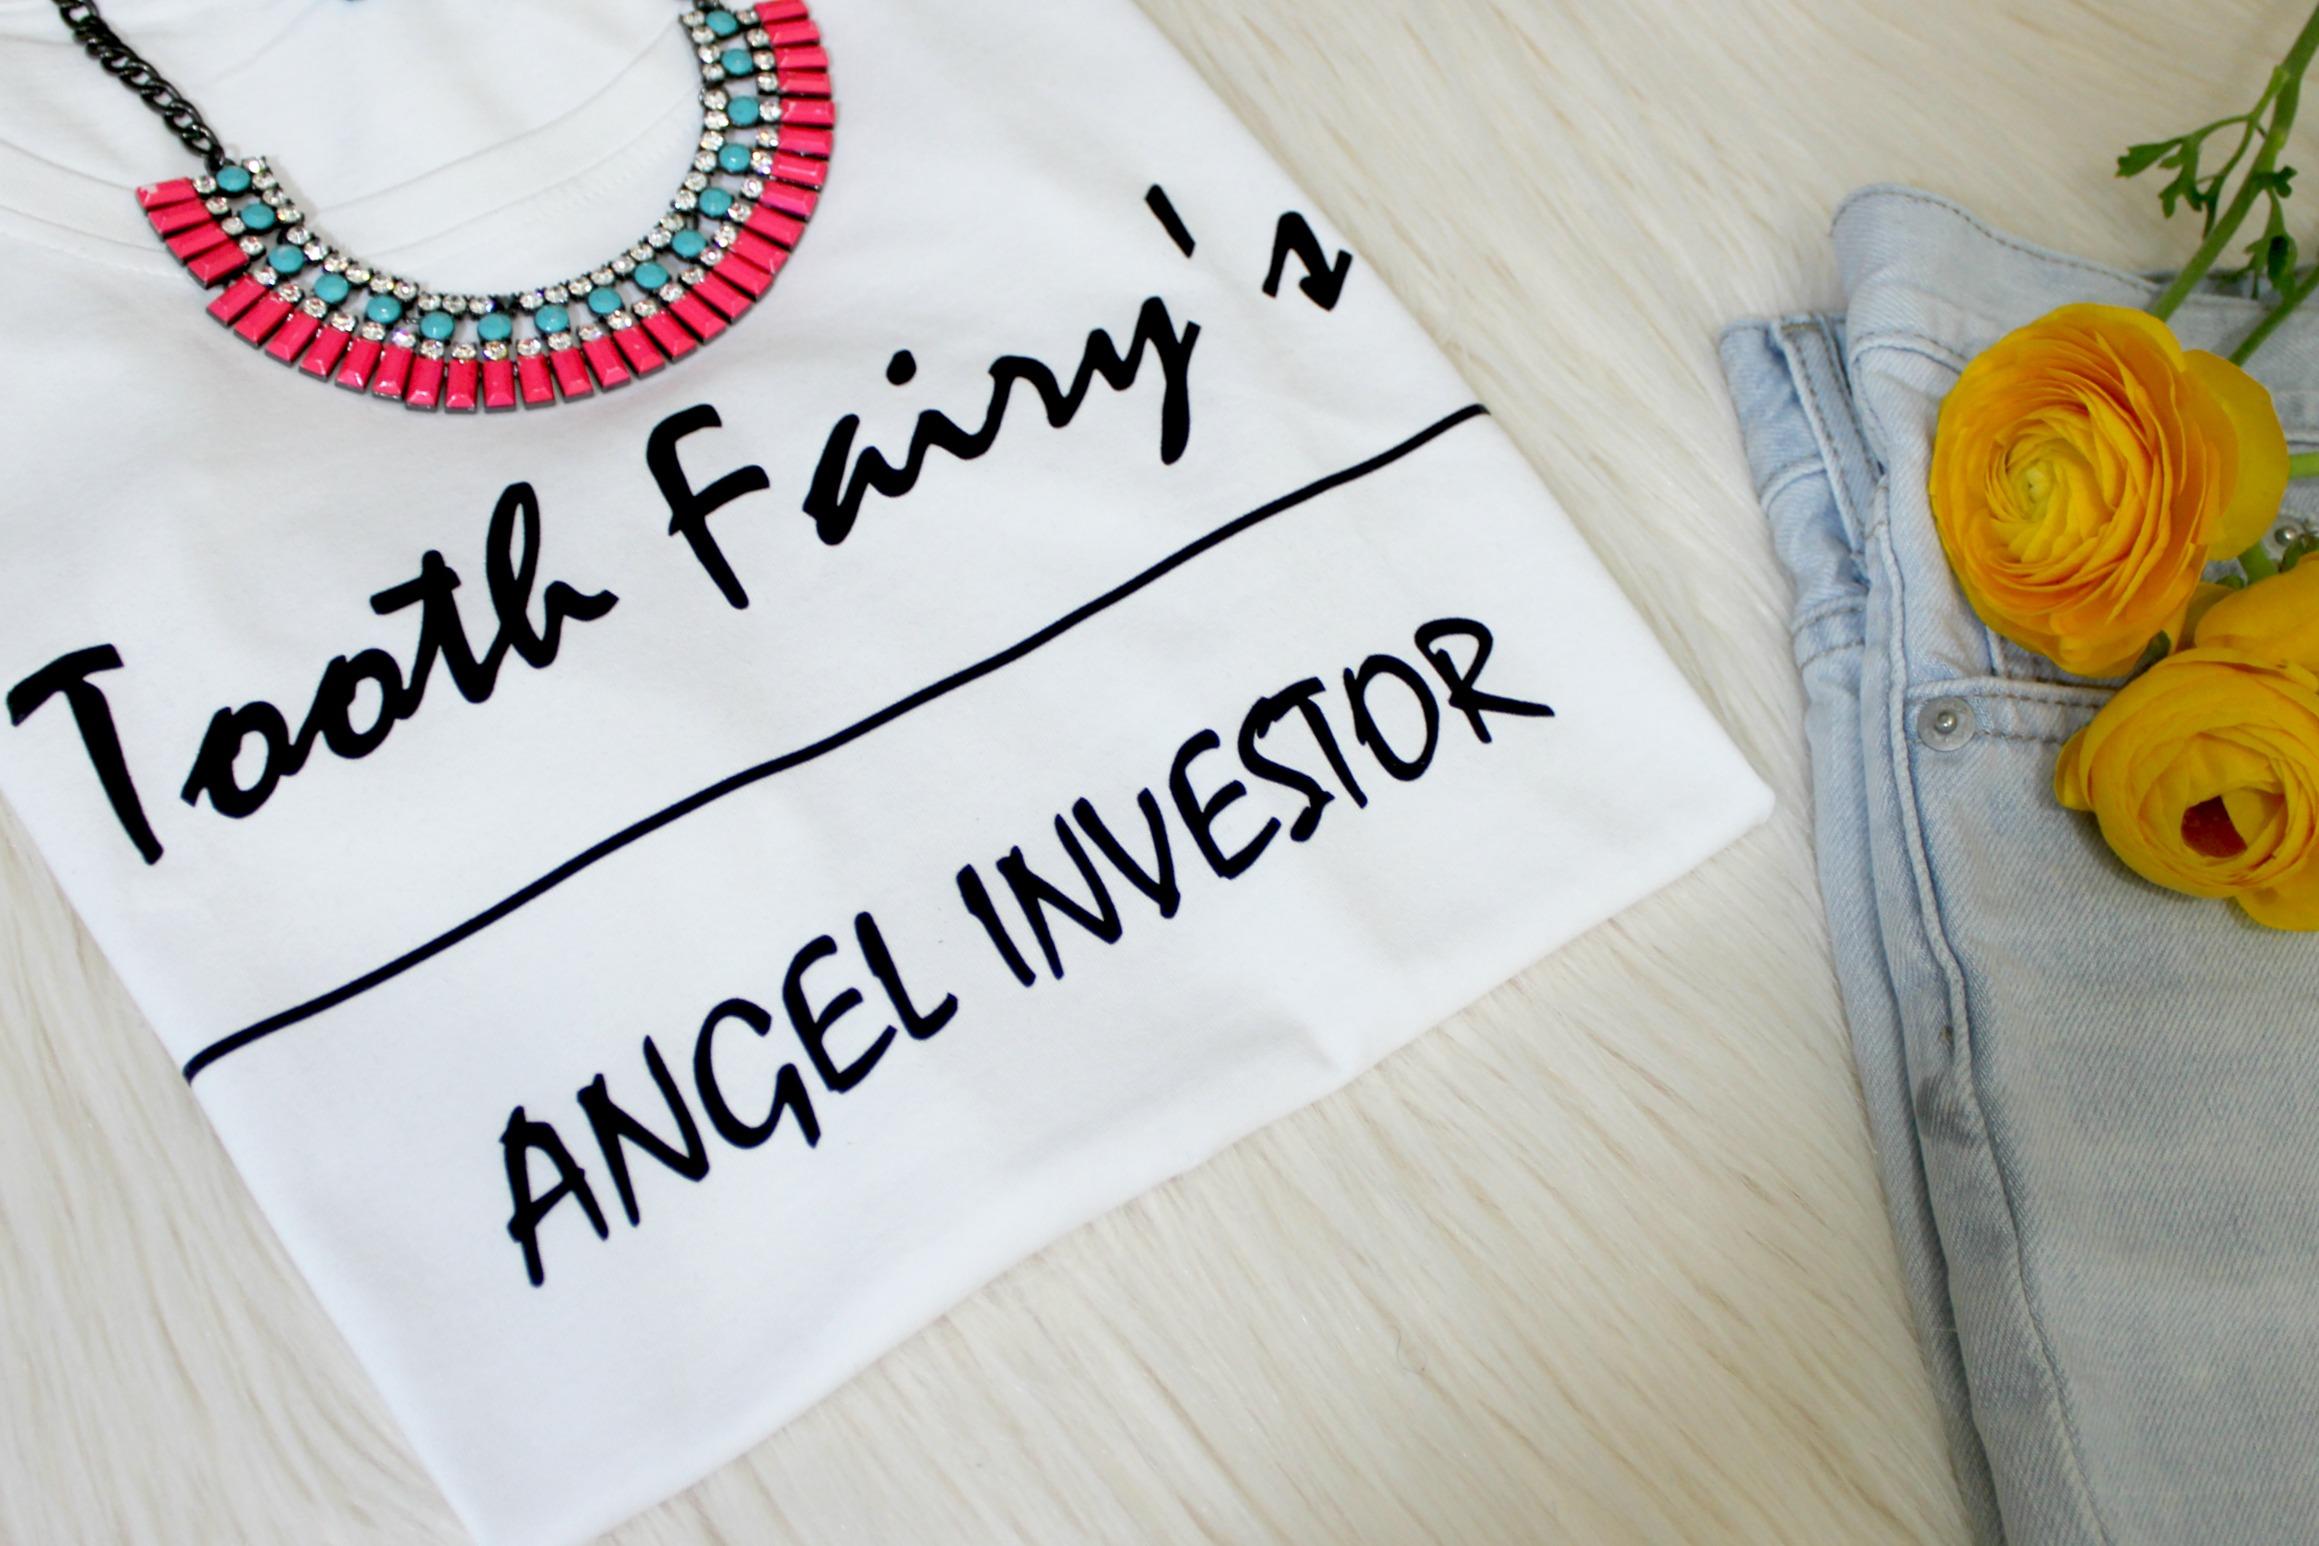 ToothFairyAngelInvestor